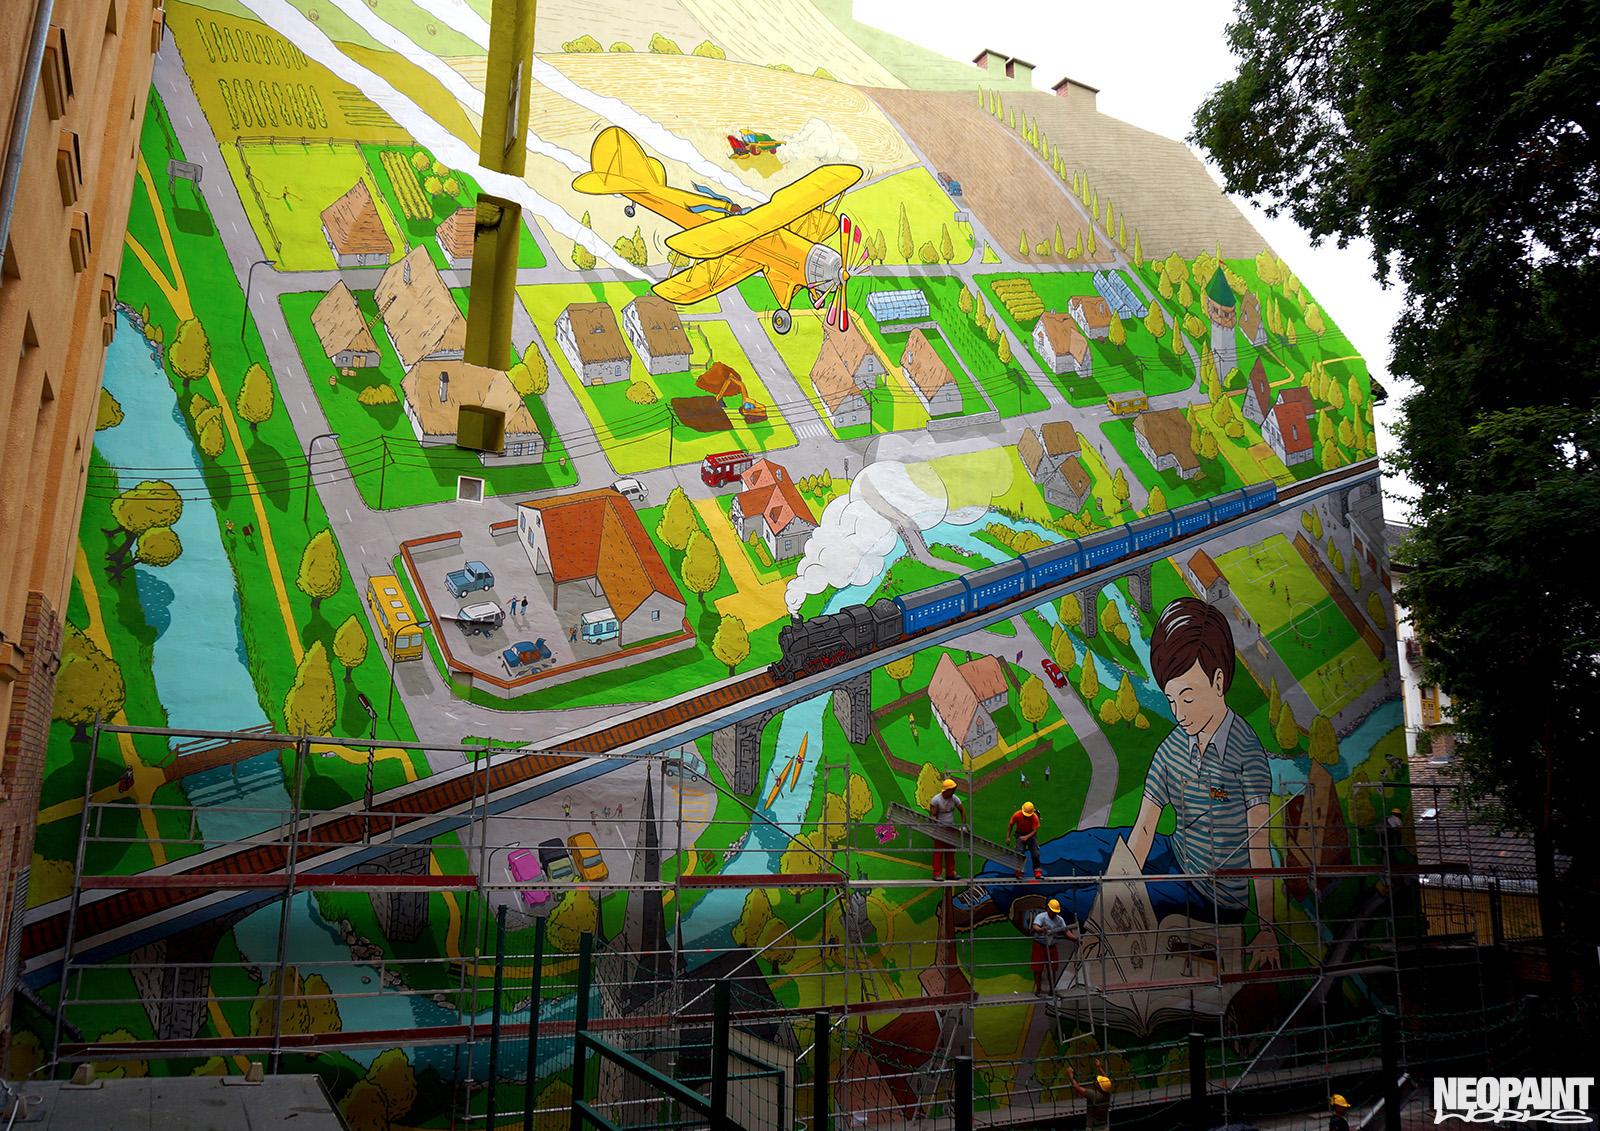 neopaint works - nagy méretű falfestmény